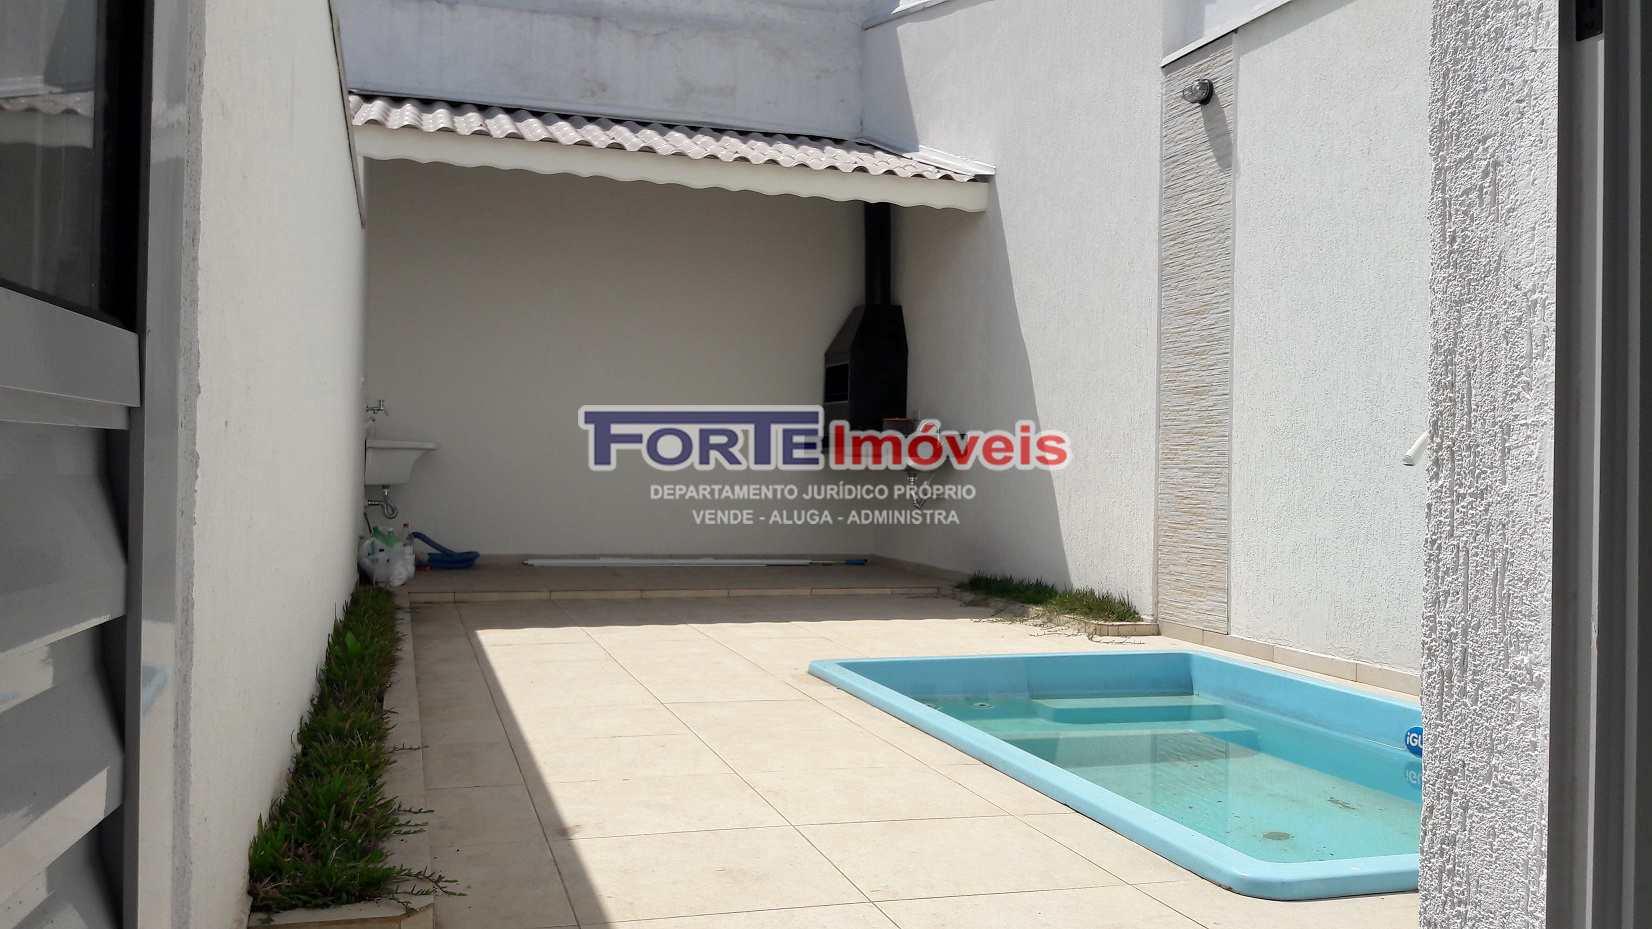 Sobrado com 3 dorms, Água Fria, São Paulo - R$ 770 mil, Cod: 42903591